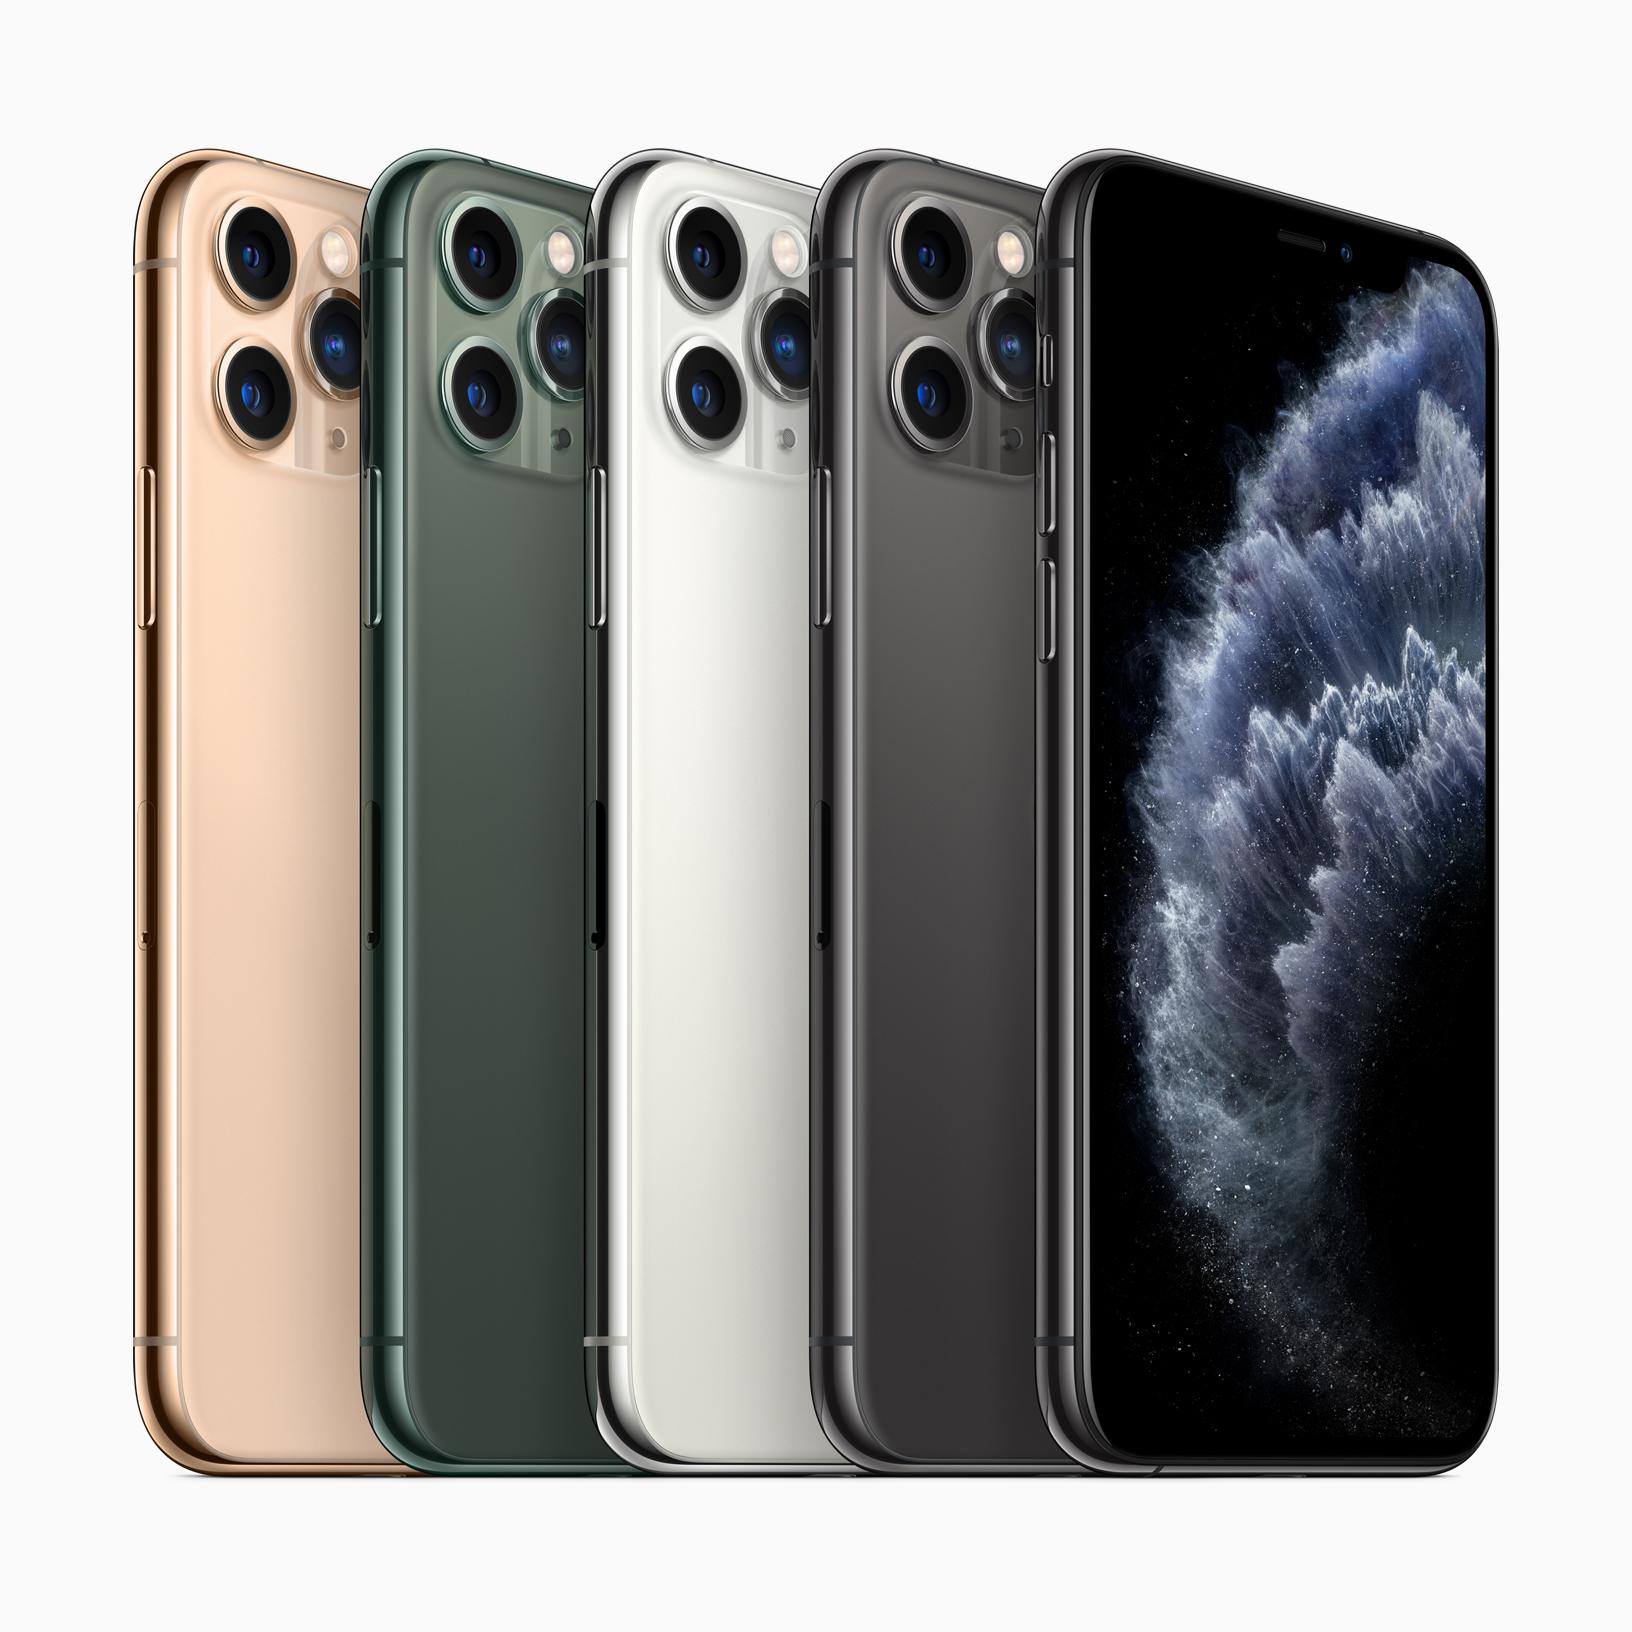 Migliori Cover Iphone 7 Pelle 2020 - Dopo 189 ore di ricerche e test